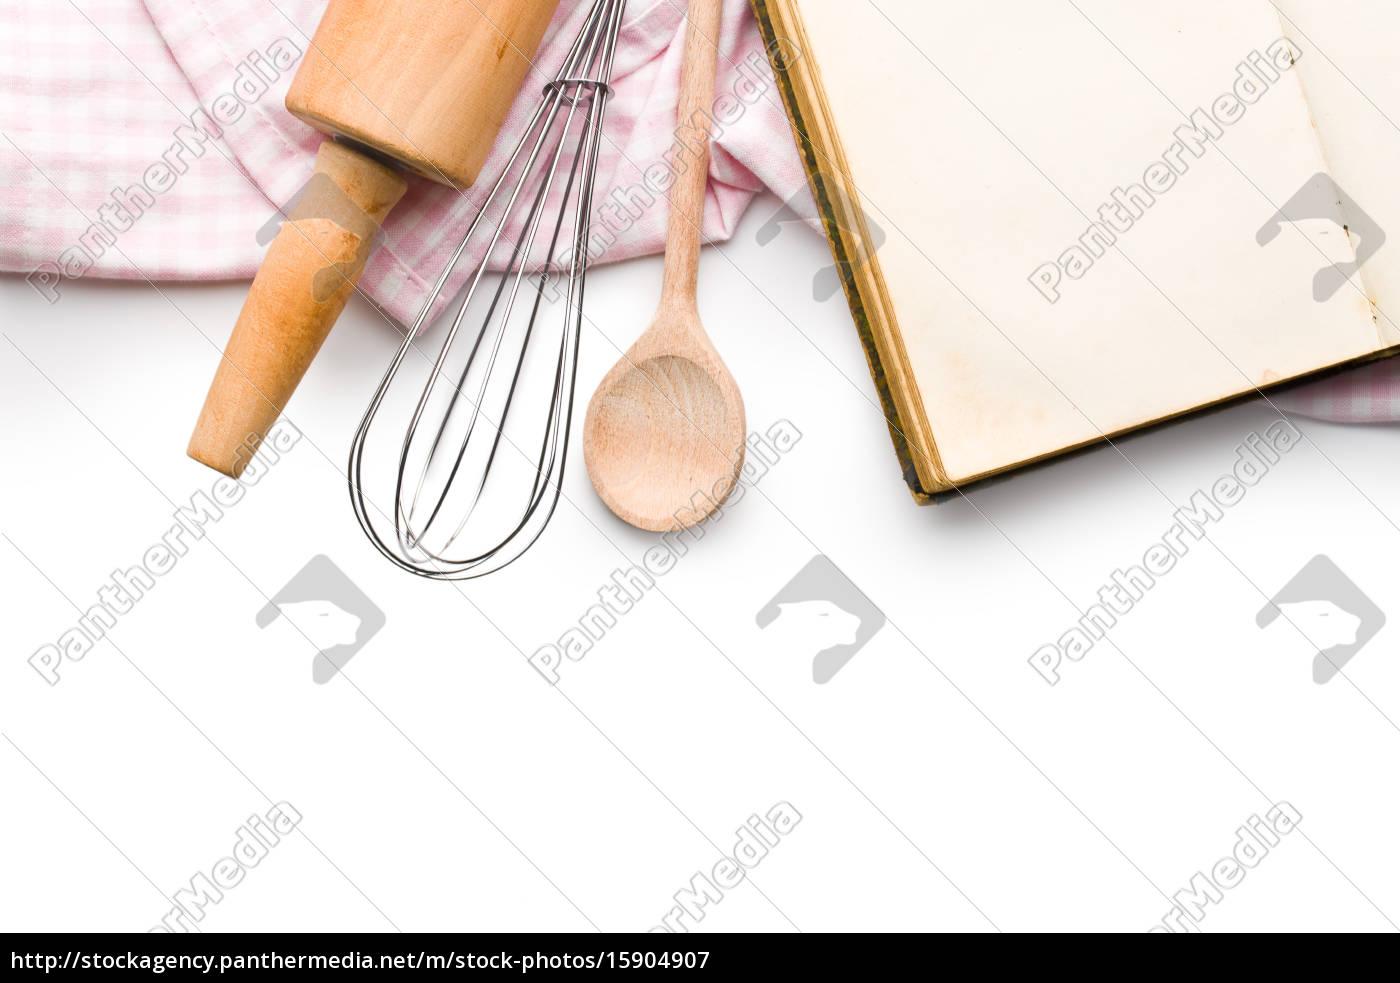 rezeptbuch und küchenutensilien - Lizenzfreies Bild - #15904907 ...